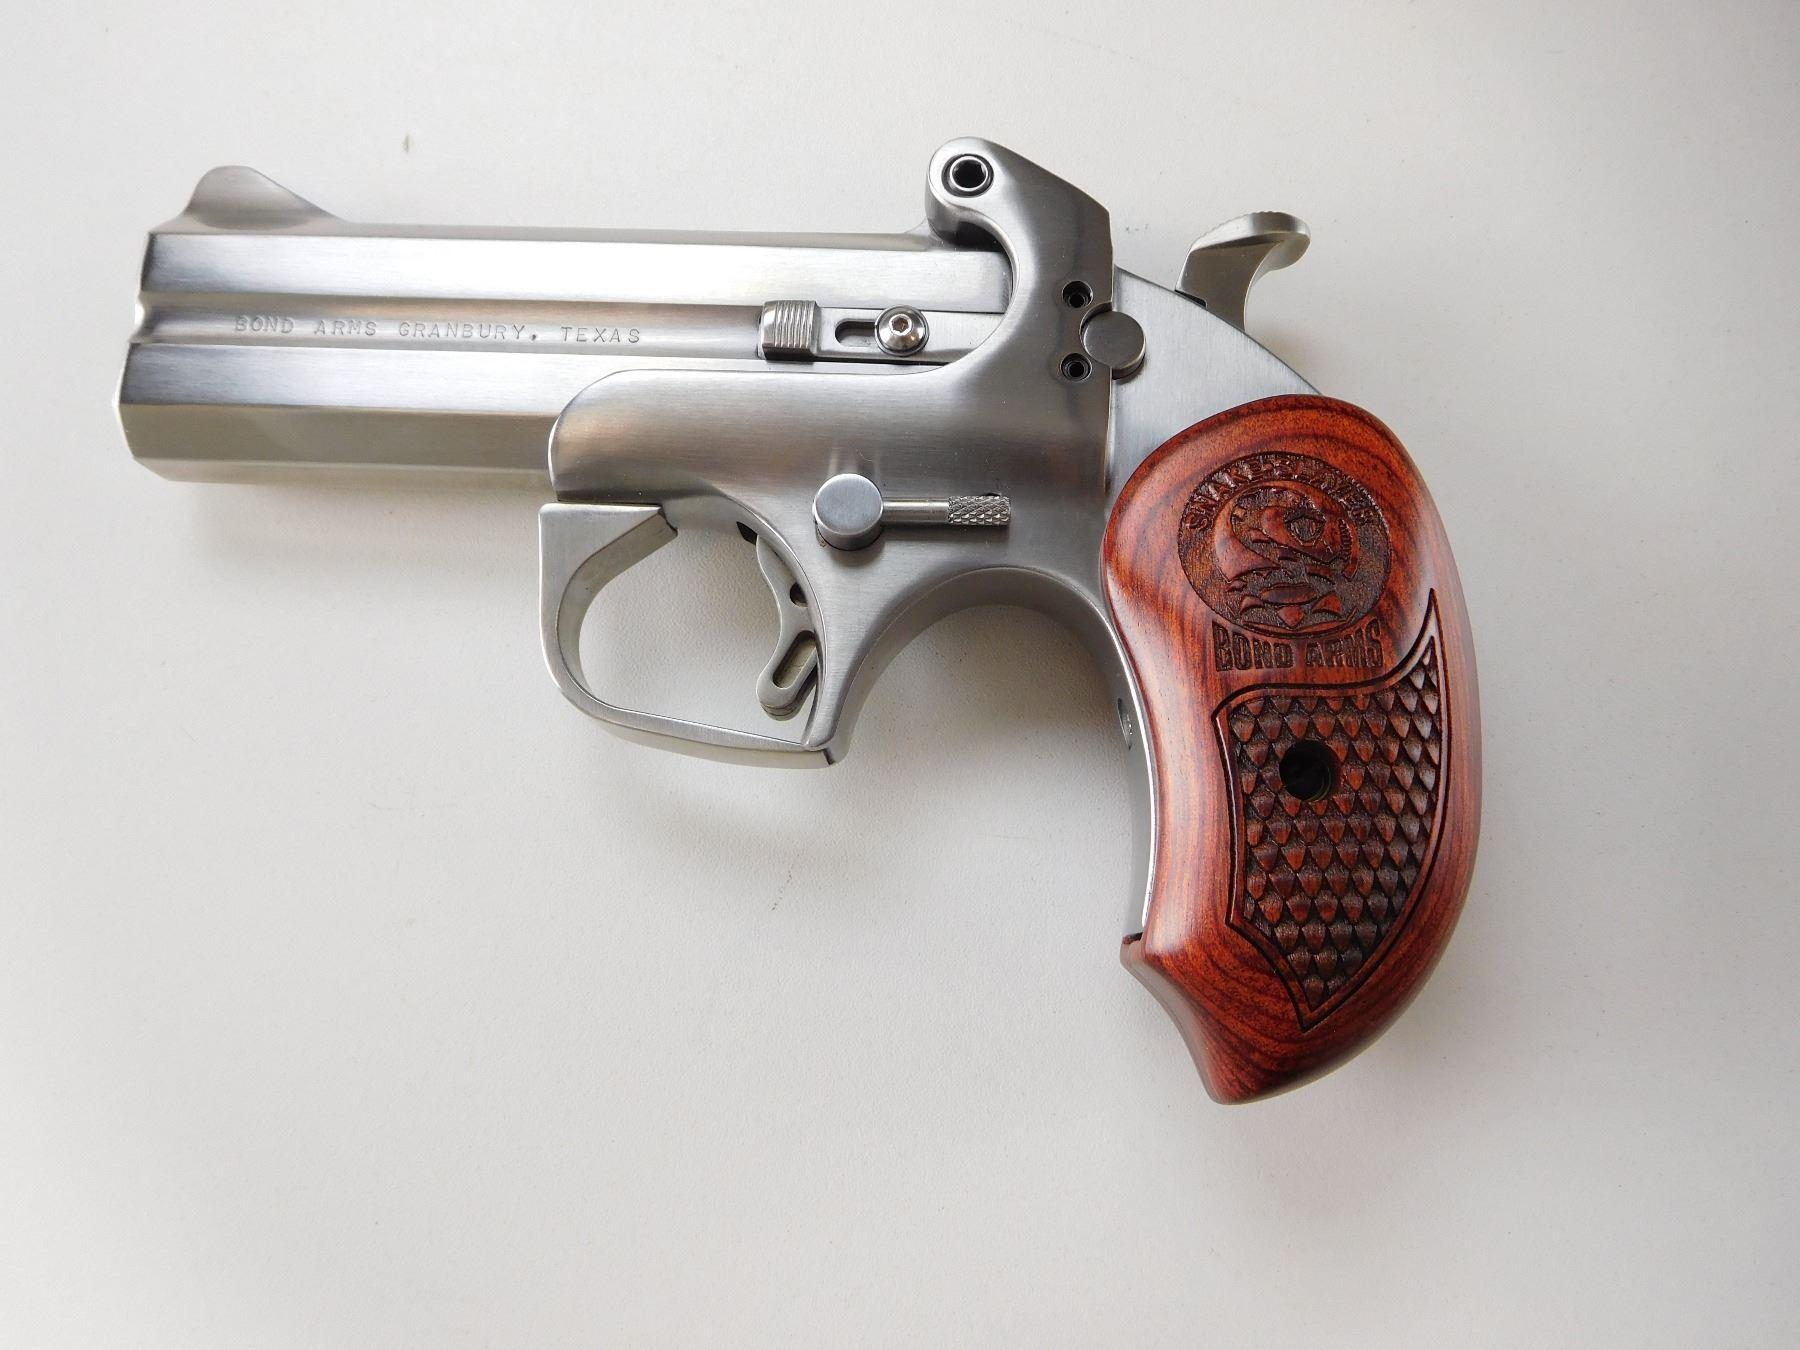 BOND ARMS , MODEL: SNAKE SLAYER IV , CALIBER: 45 LC / 410 GA X 3